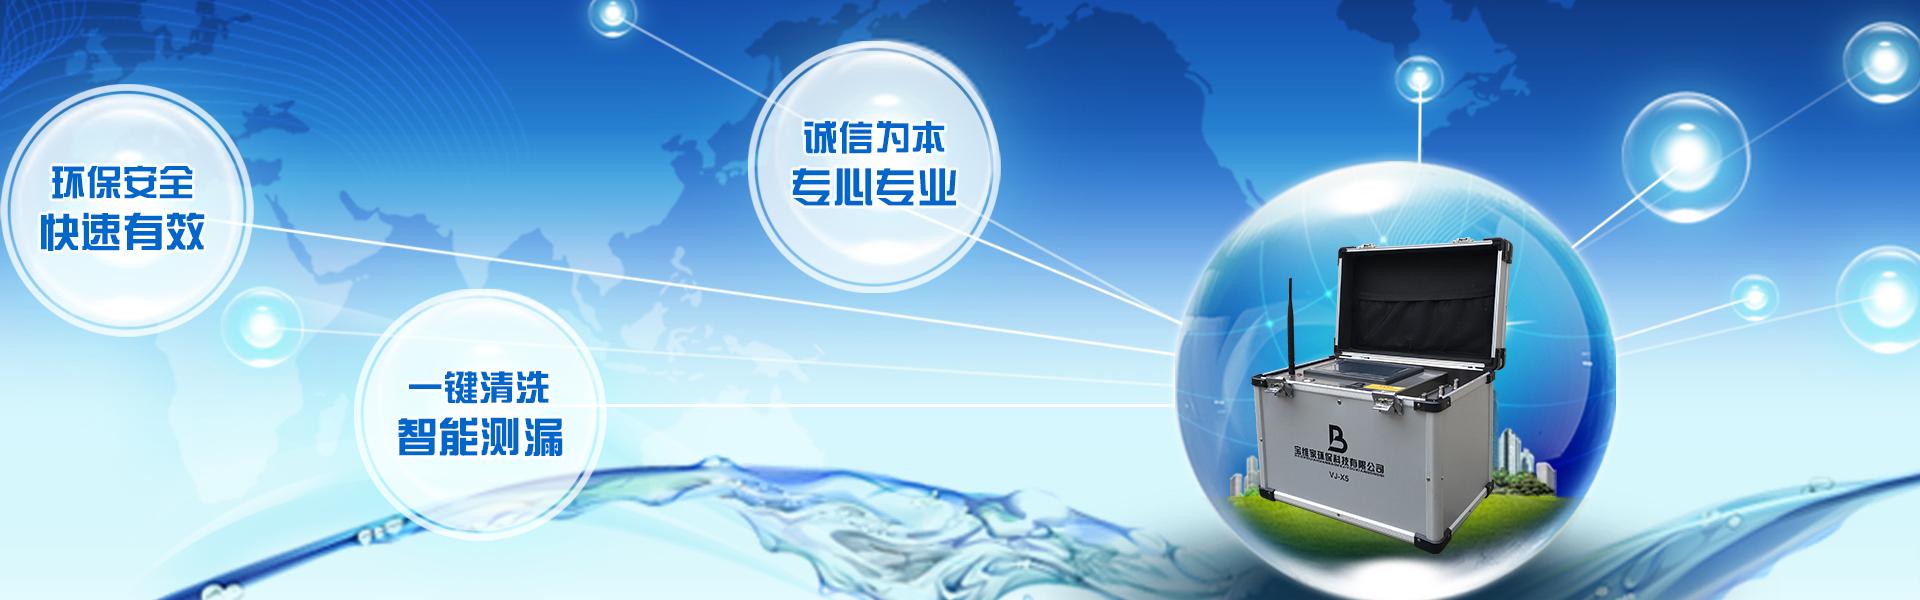 寶維家環保科技,專注銷售水管清洗機